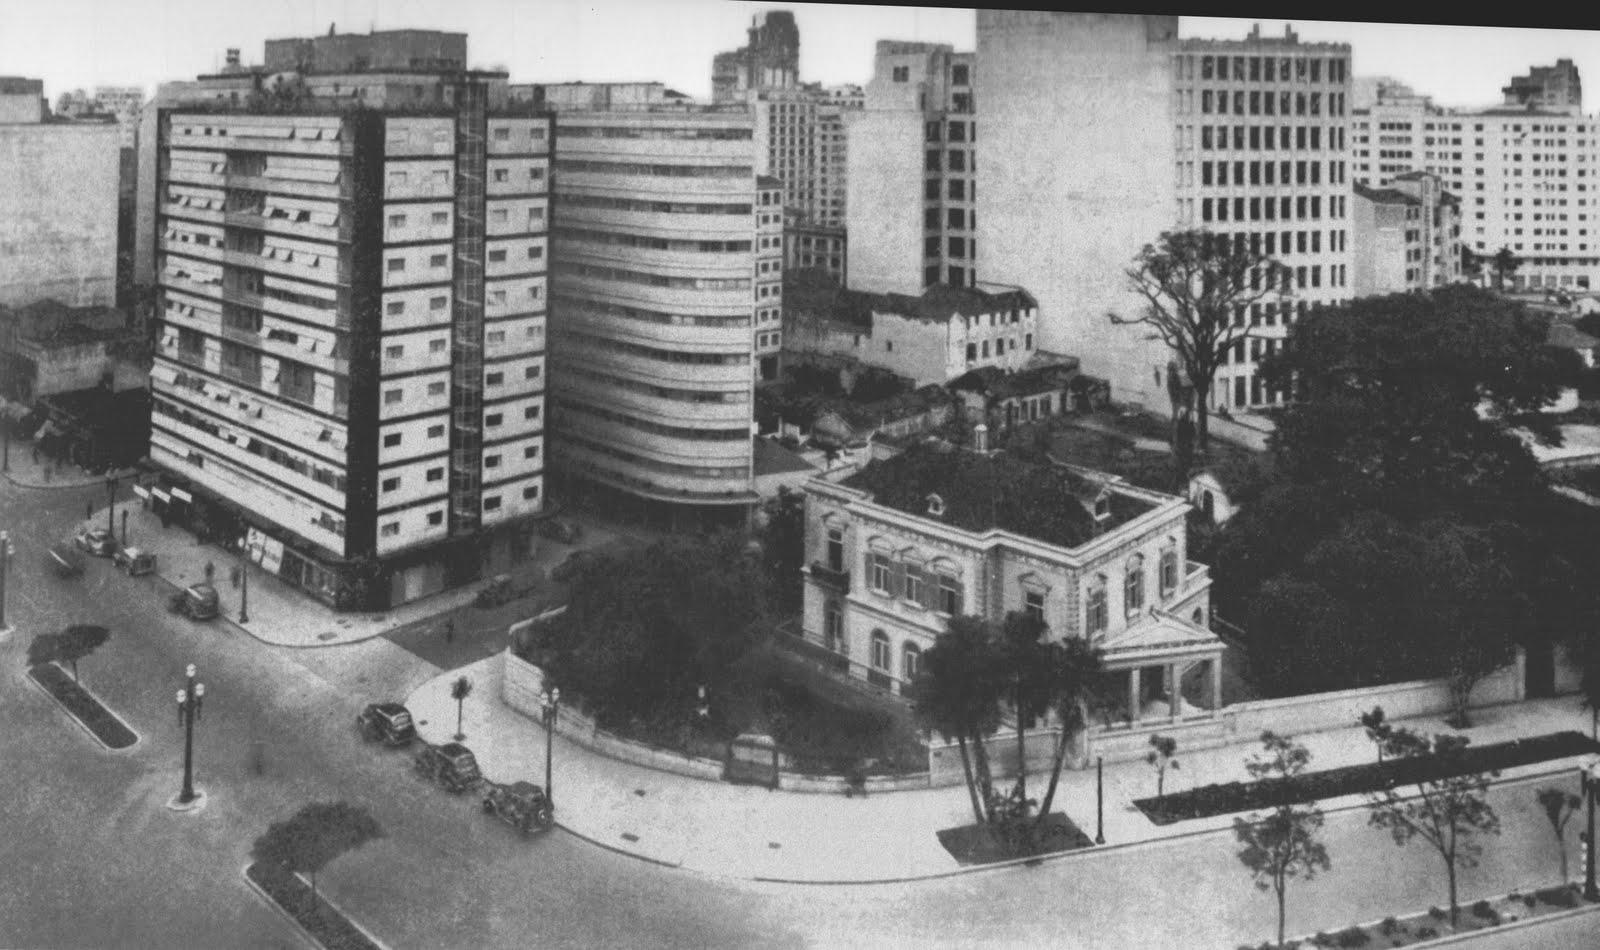 Avenida São Luis nos anos 1940 com o Edifício Esther ao fundo